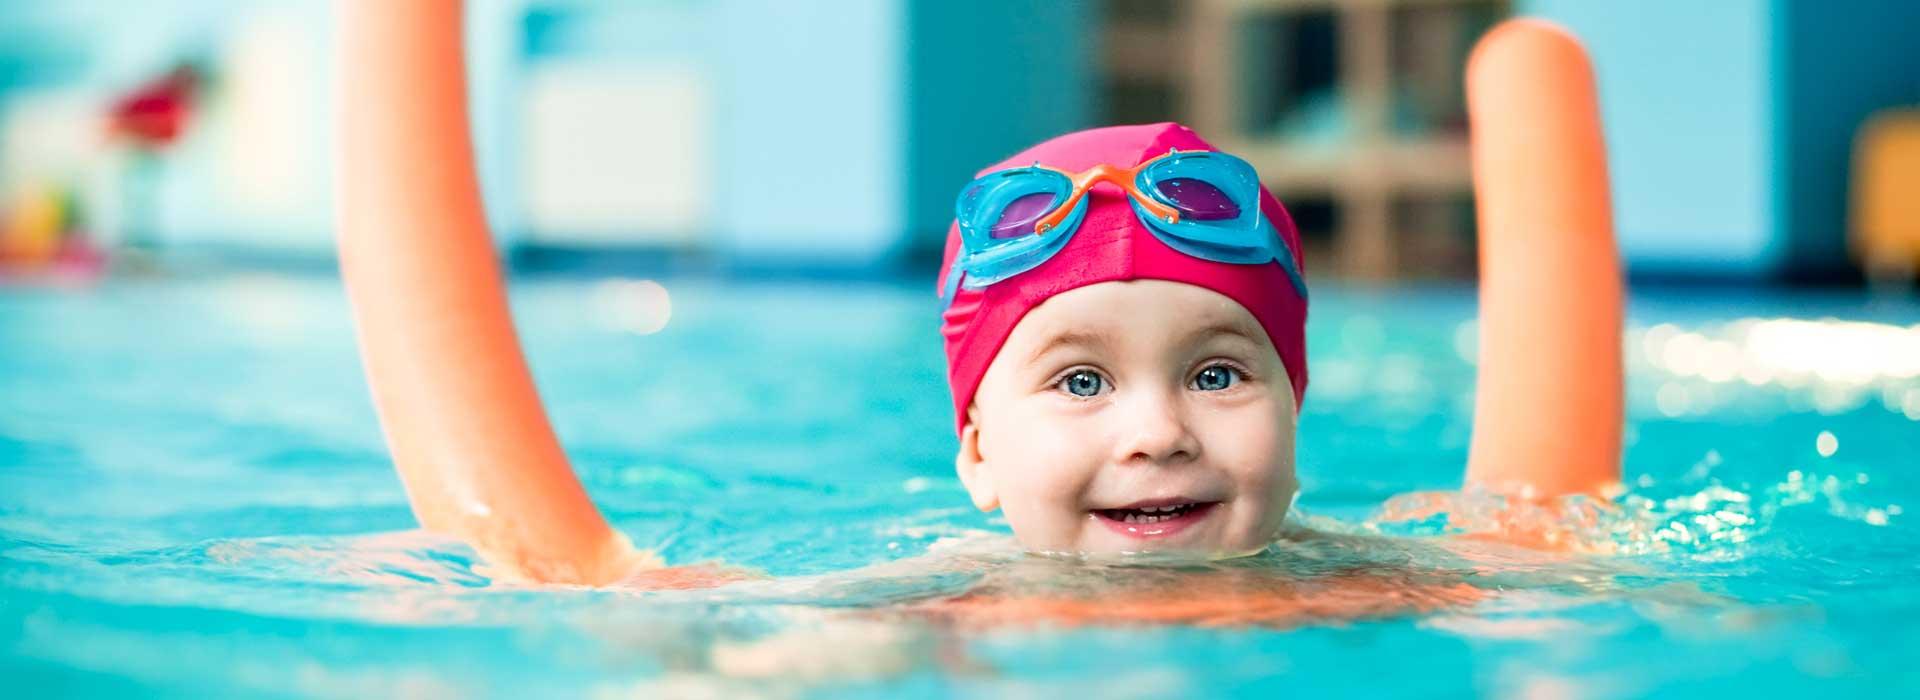 schwimmkurse_slidebg3